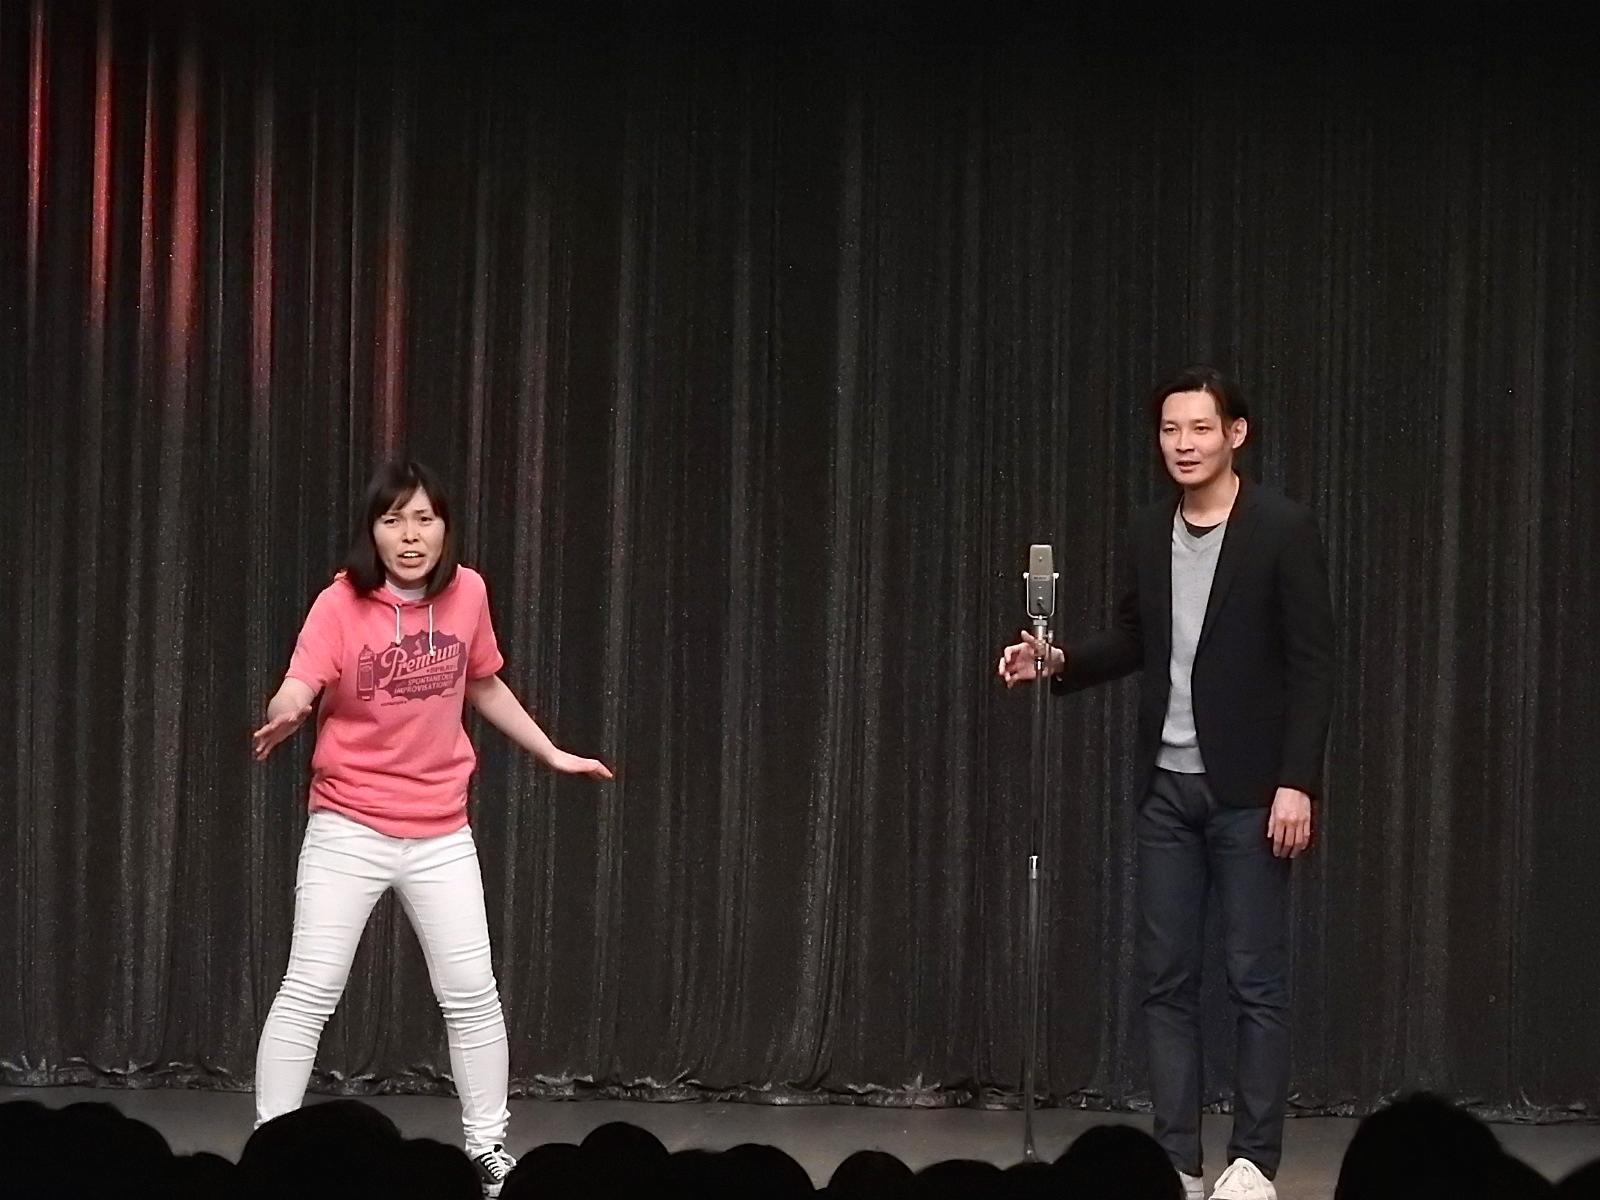 http://news.yoshimoto.co.jp/20171231214543-6b46f982c4dc9208b218d610b2c2c79ec5b65f00.jpg